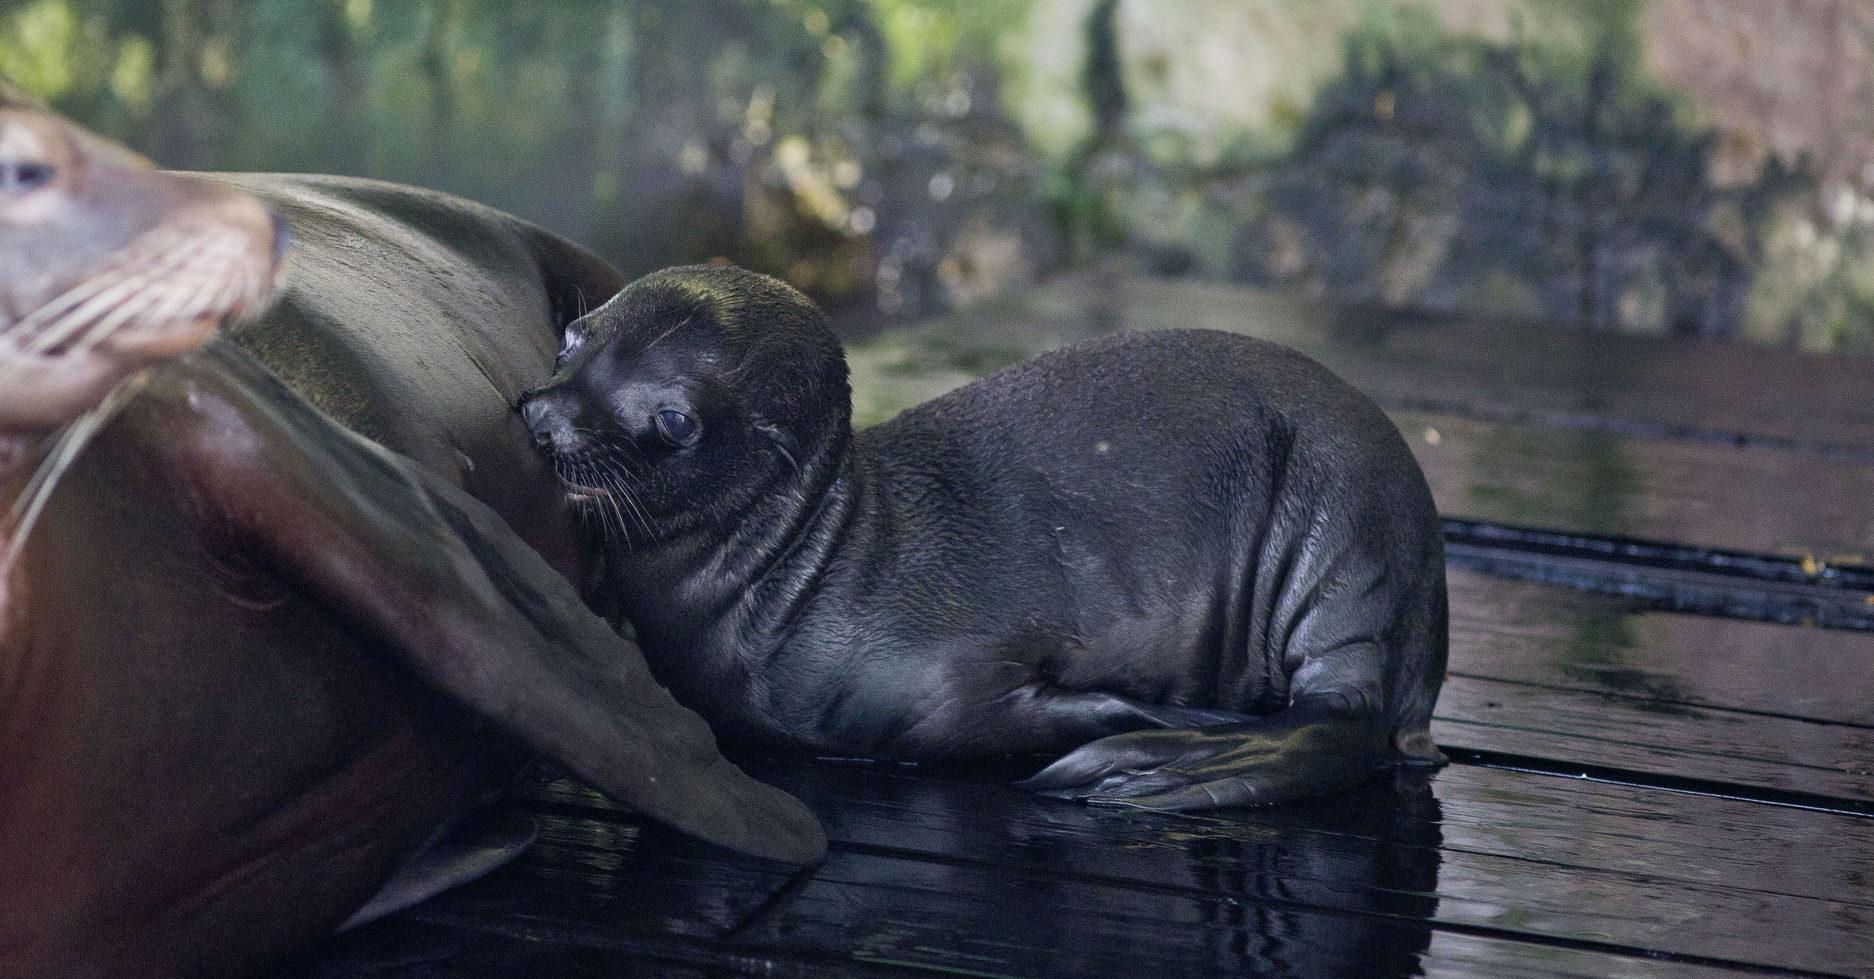 Ljupka pojačanja u obiteljima alpaka i morskih lavova